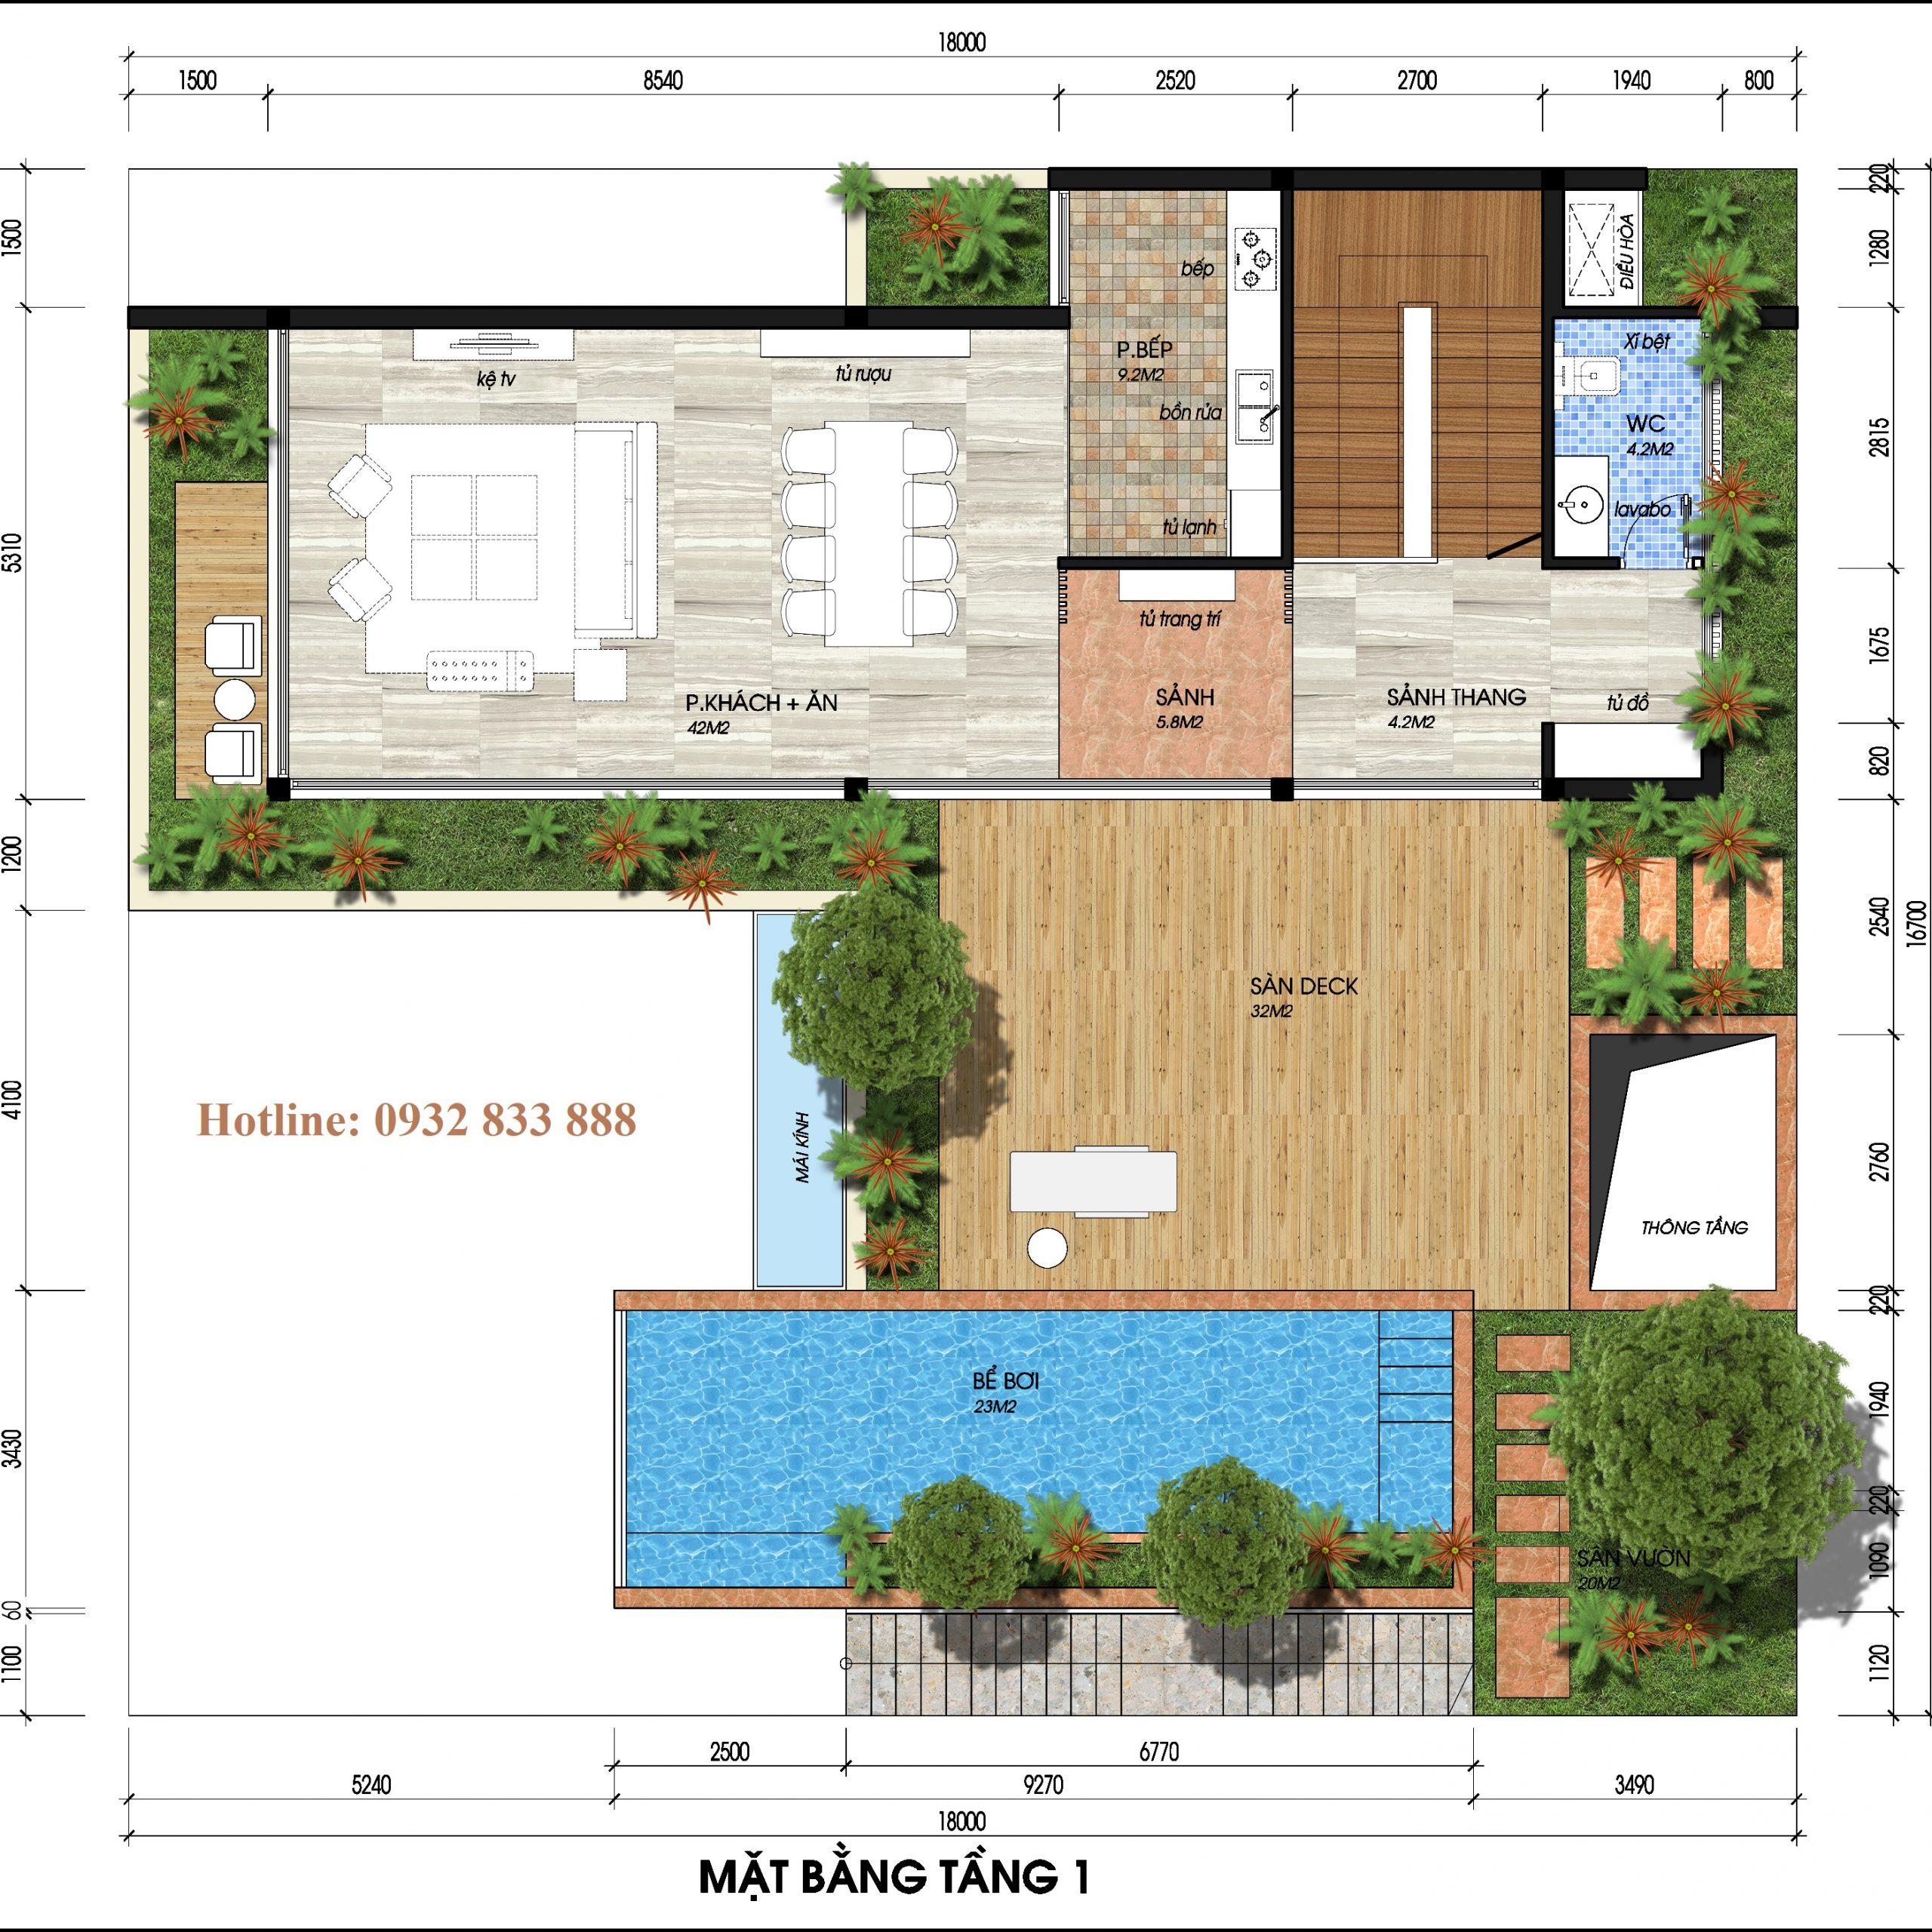 Thiết kế tầng 2 biệt thự đơn lập the legend villas flamingo đại lải